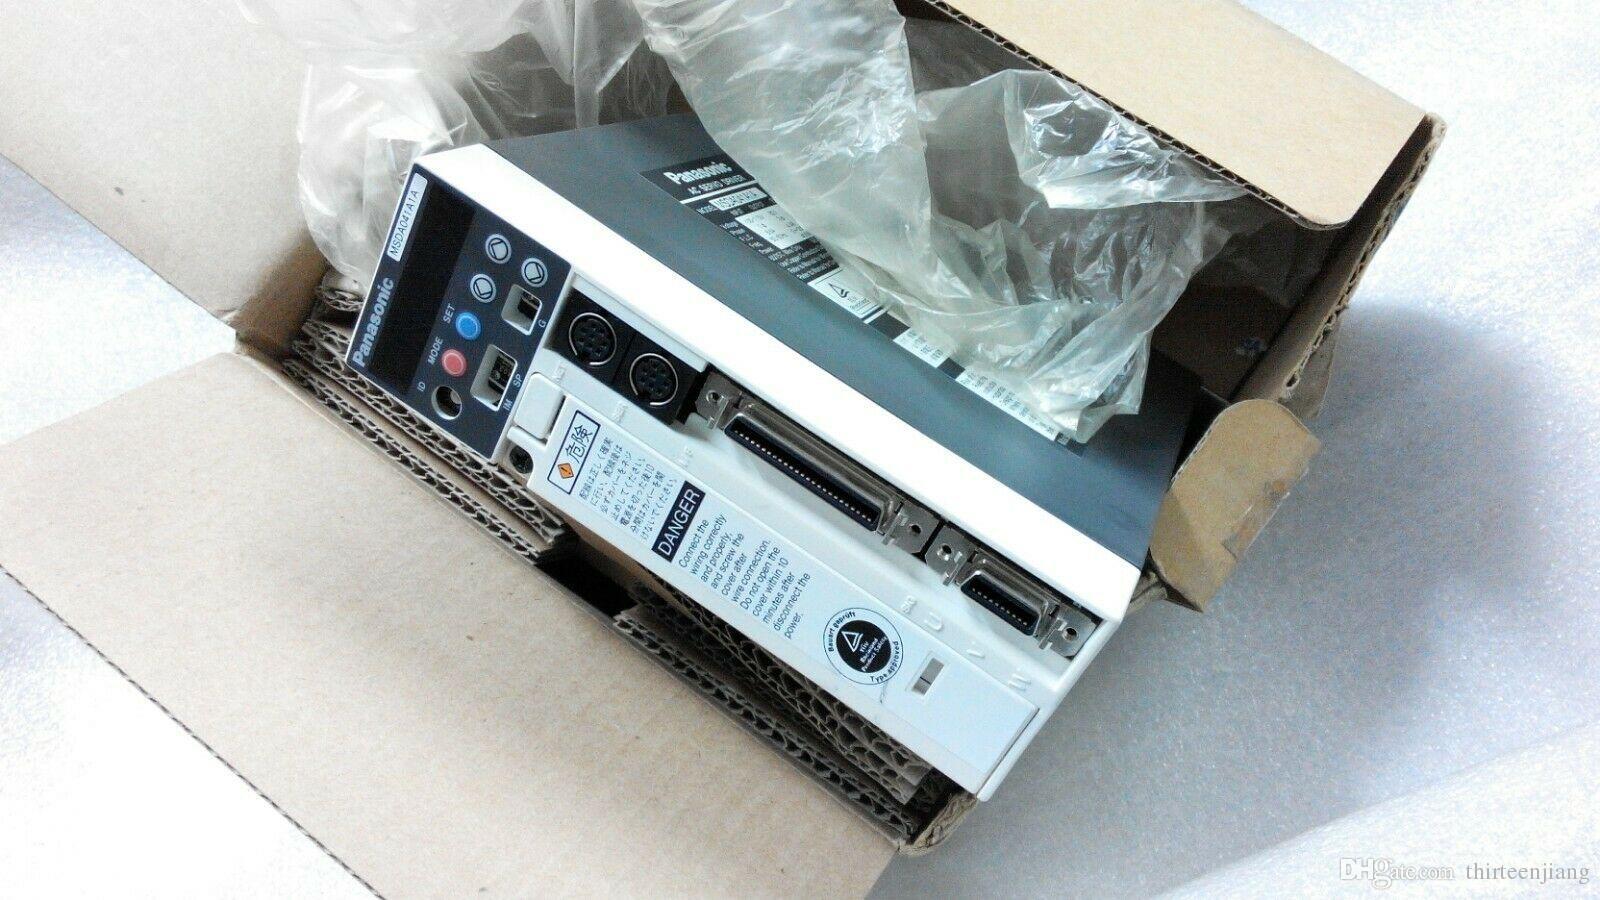 Оригинальный Panasonic сервопривод MSDA041A1A новый в коробке / используется в хорошем состоянии тест Ok бесплатная ускоренная доставка